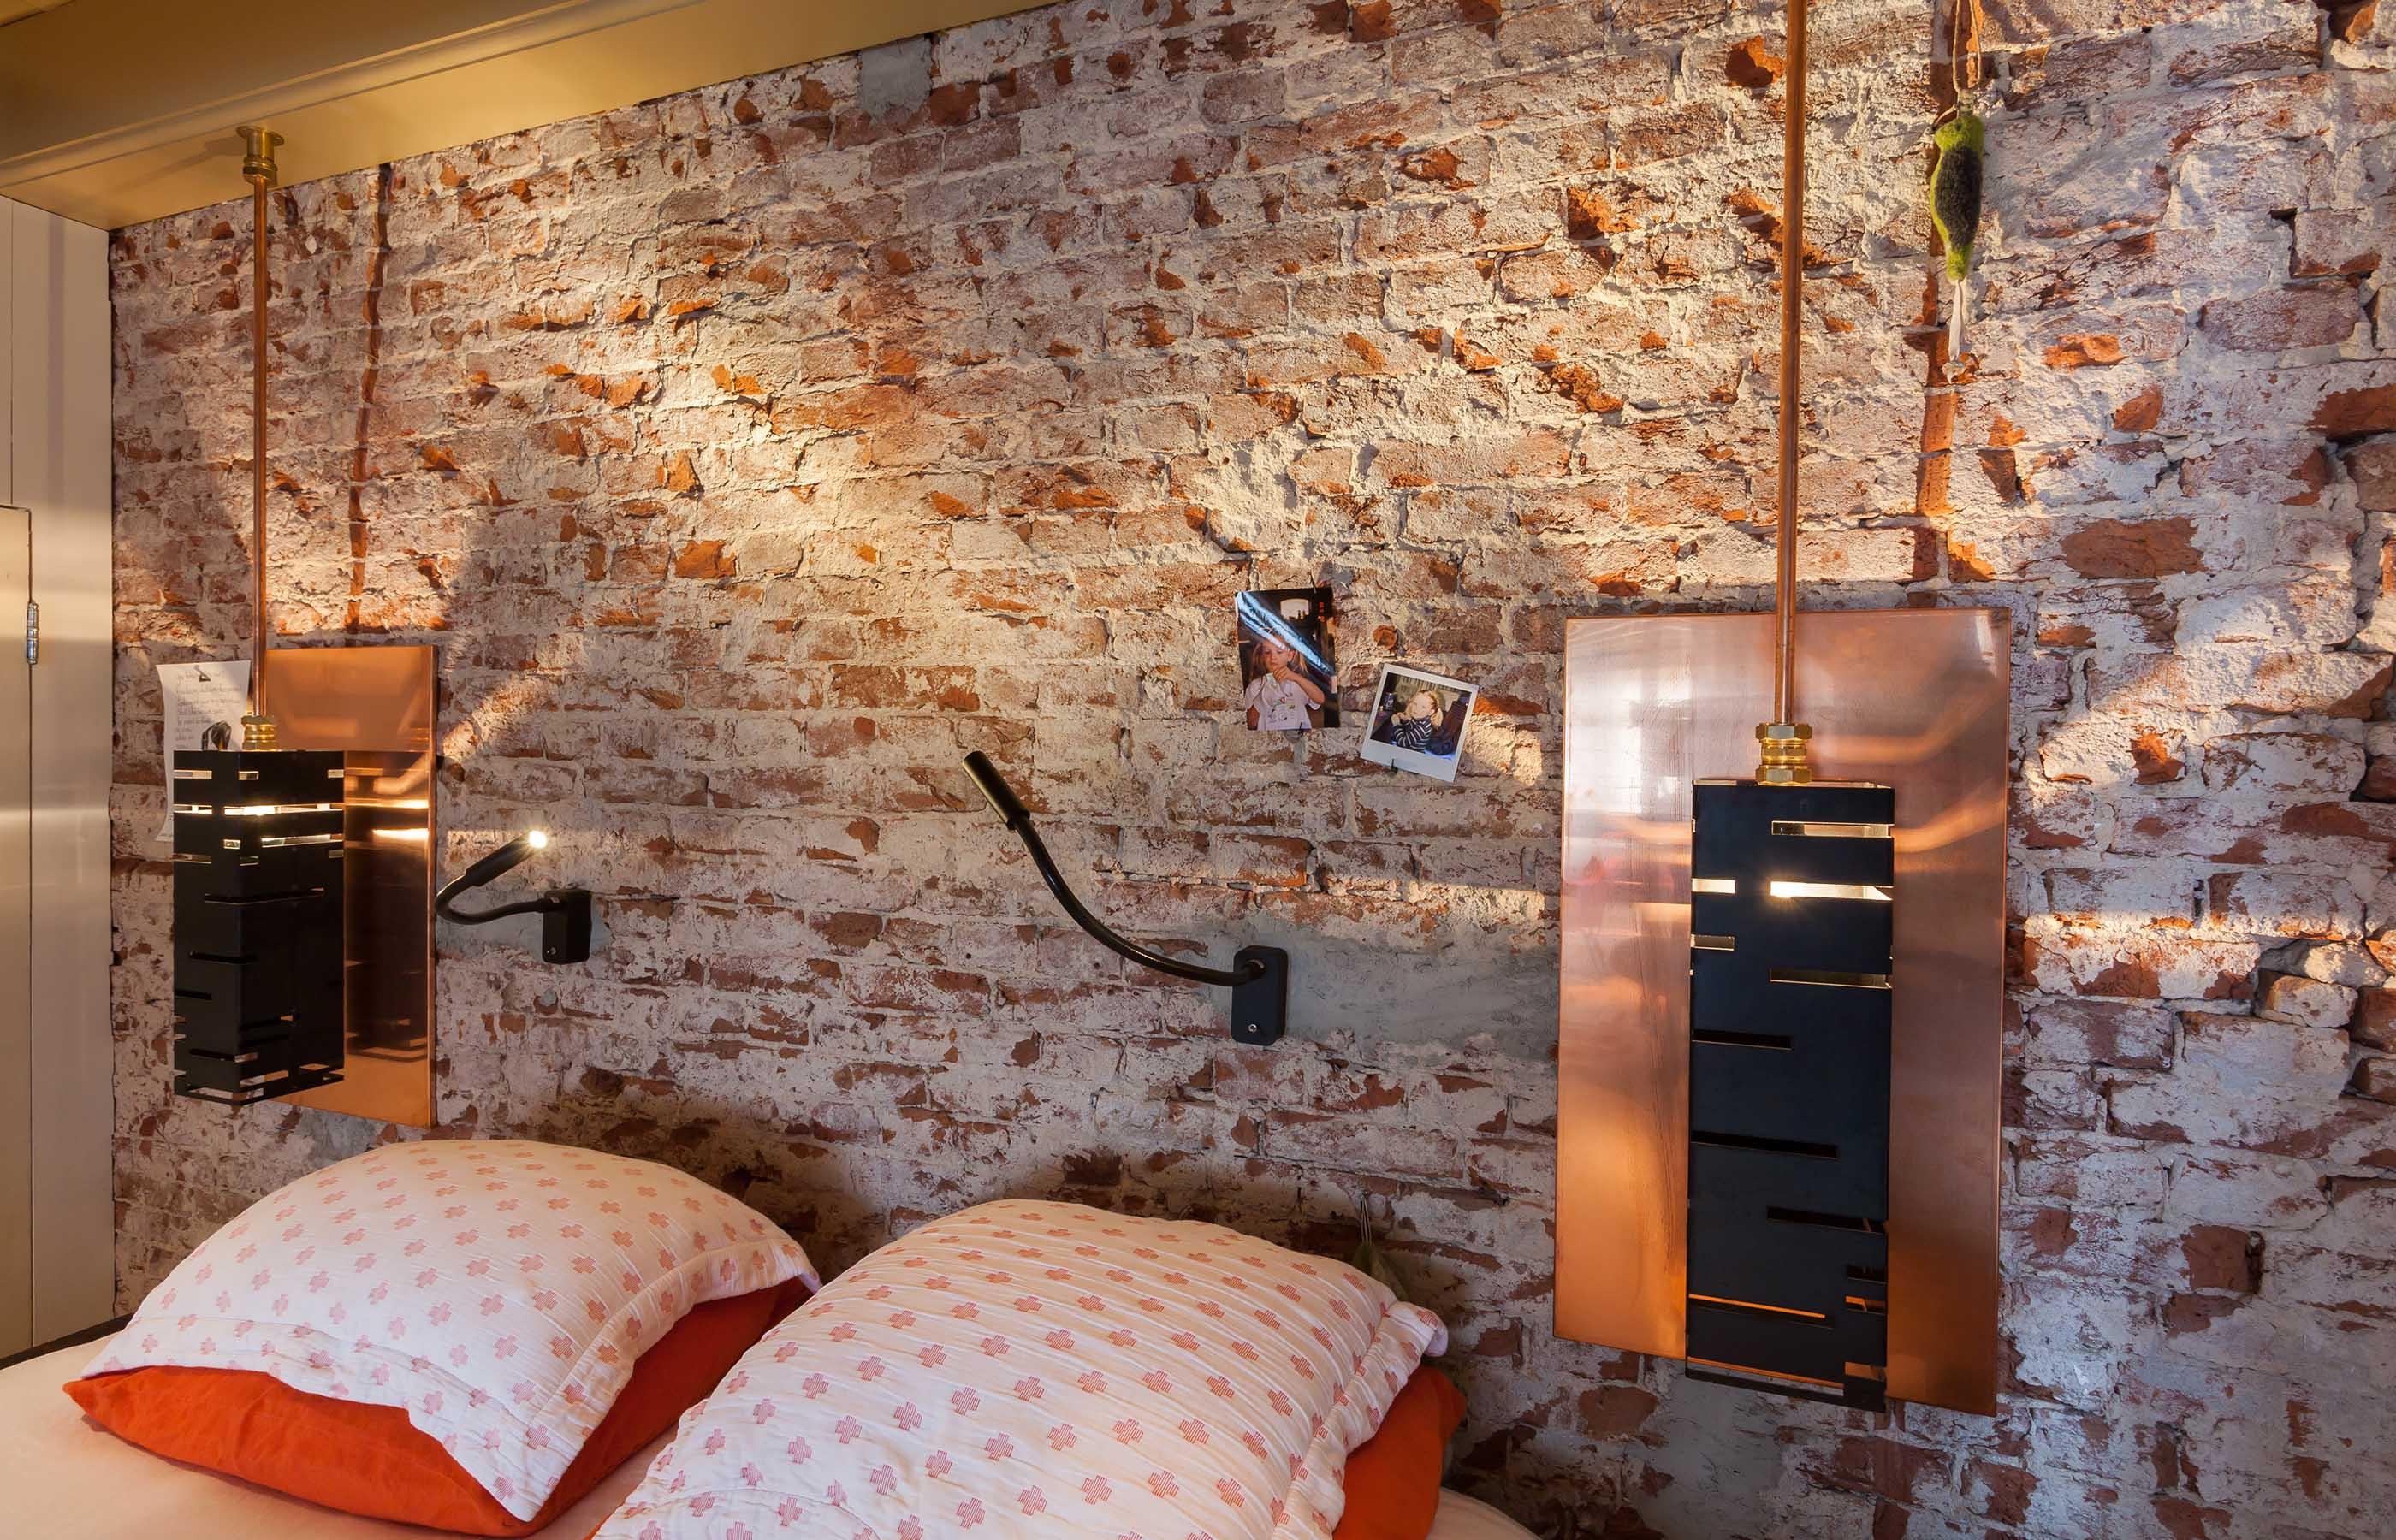 Rokin Appartementen Cris Van Amsterdam